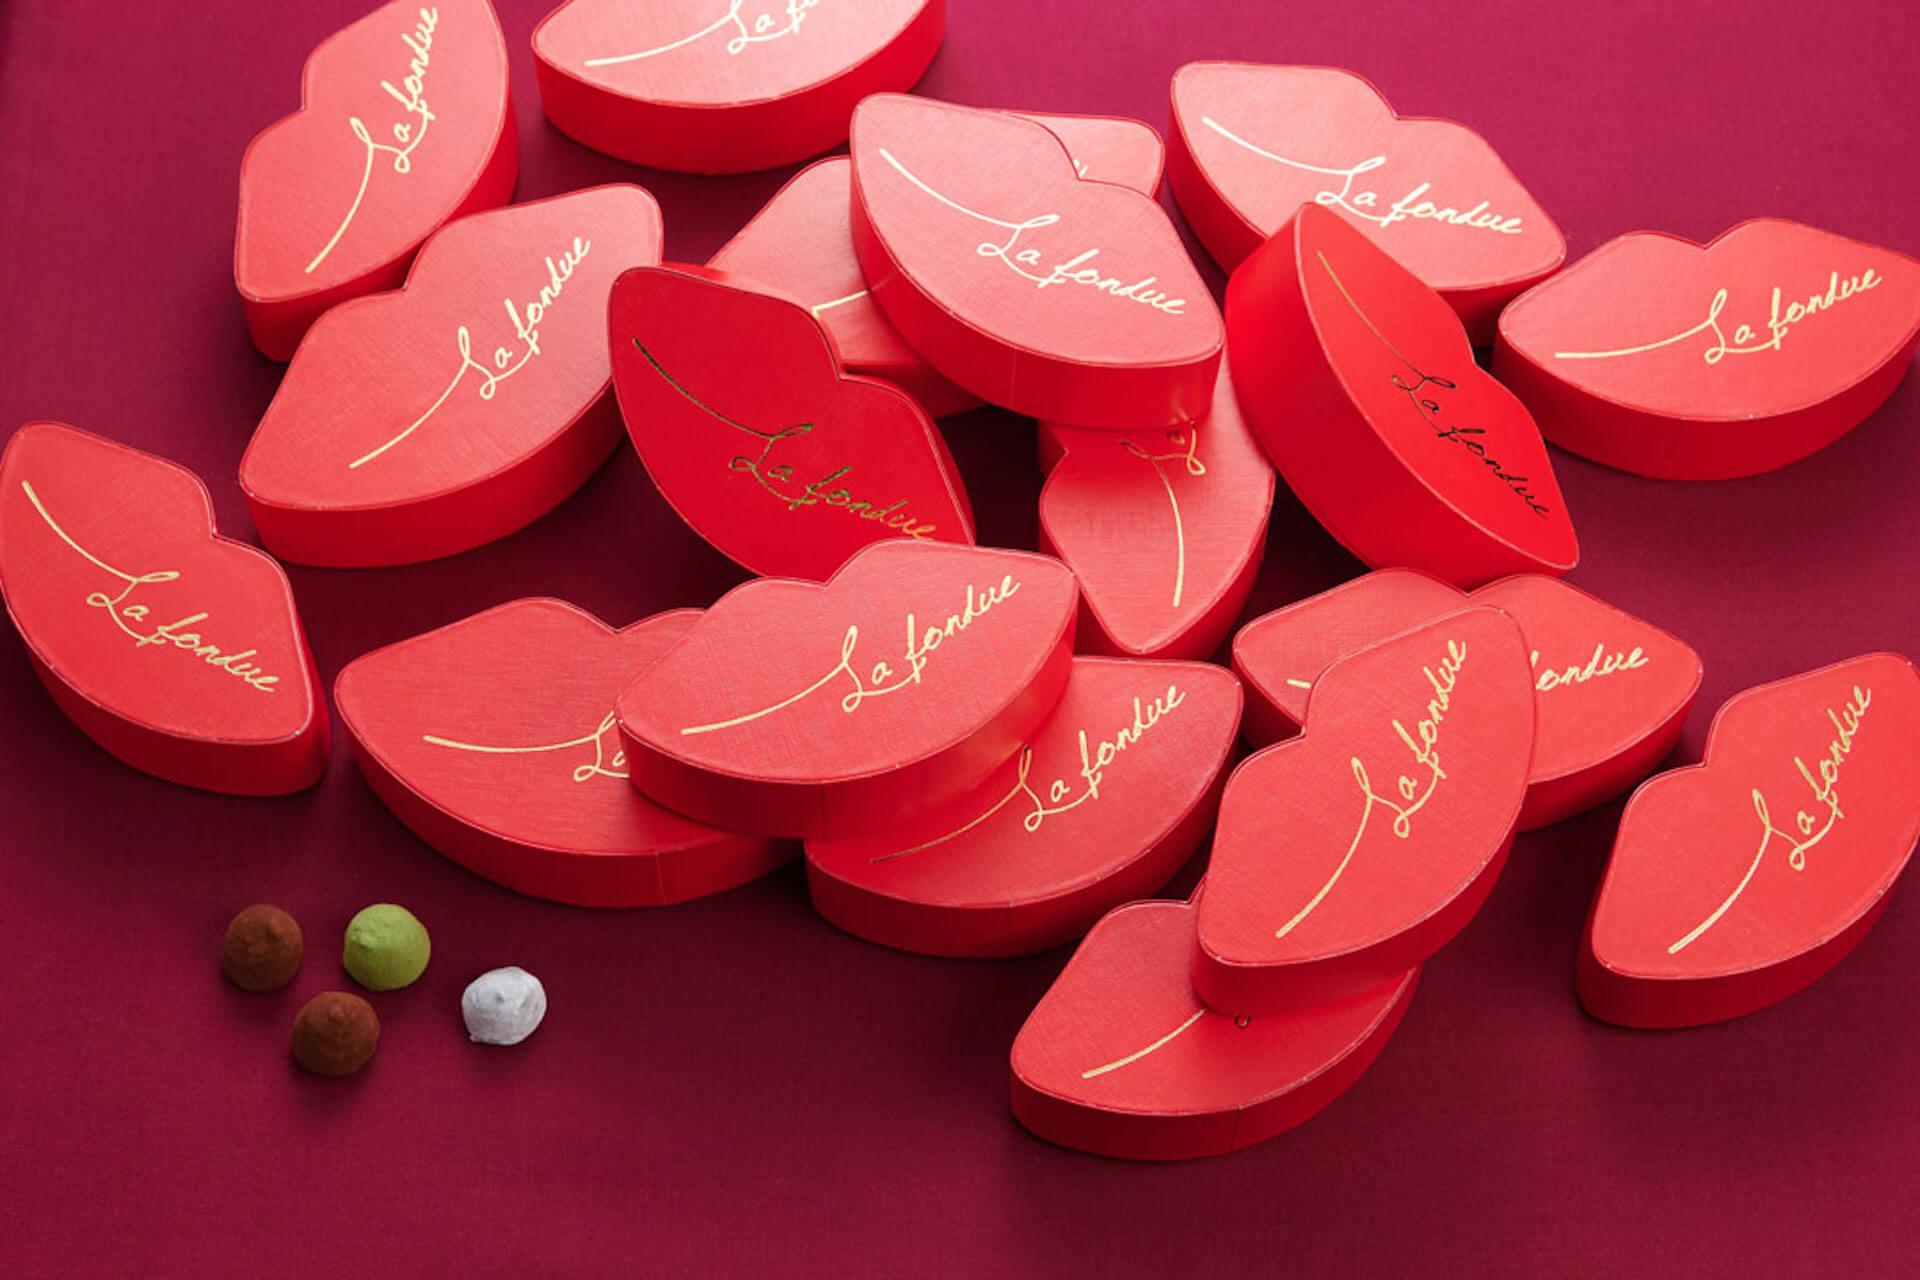 """唇だけで溶けてしまう""""噛まない""""生チョコレート『ラ・フォンデュ』がバレンタインシーズン限定で発売! gourmet210126_rafondue_8"""